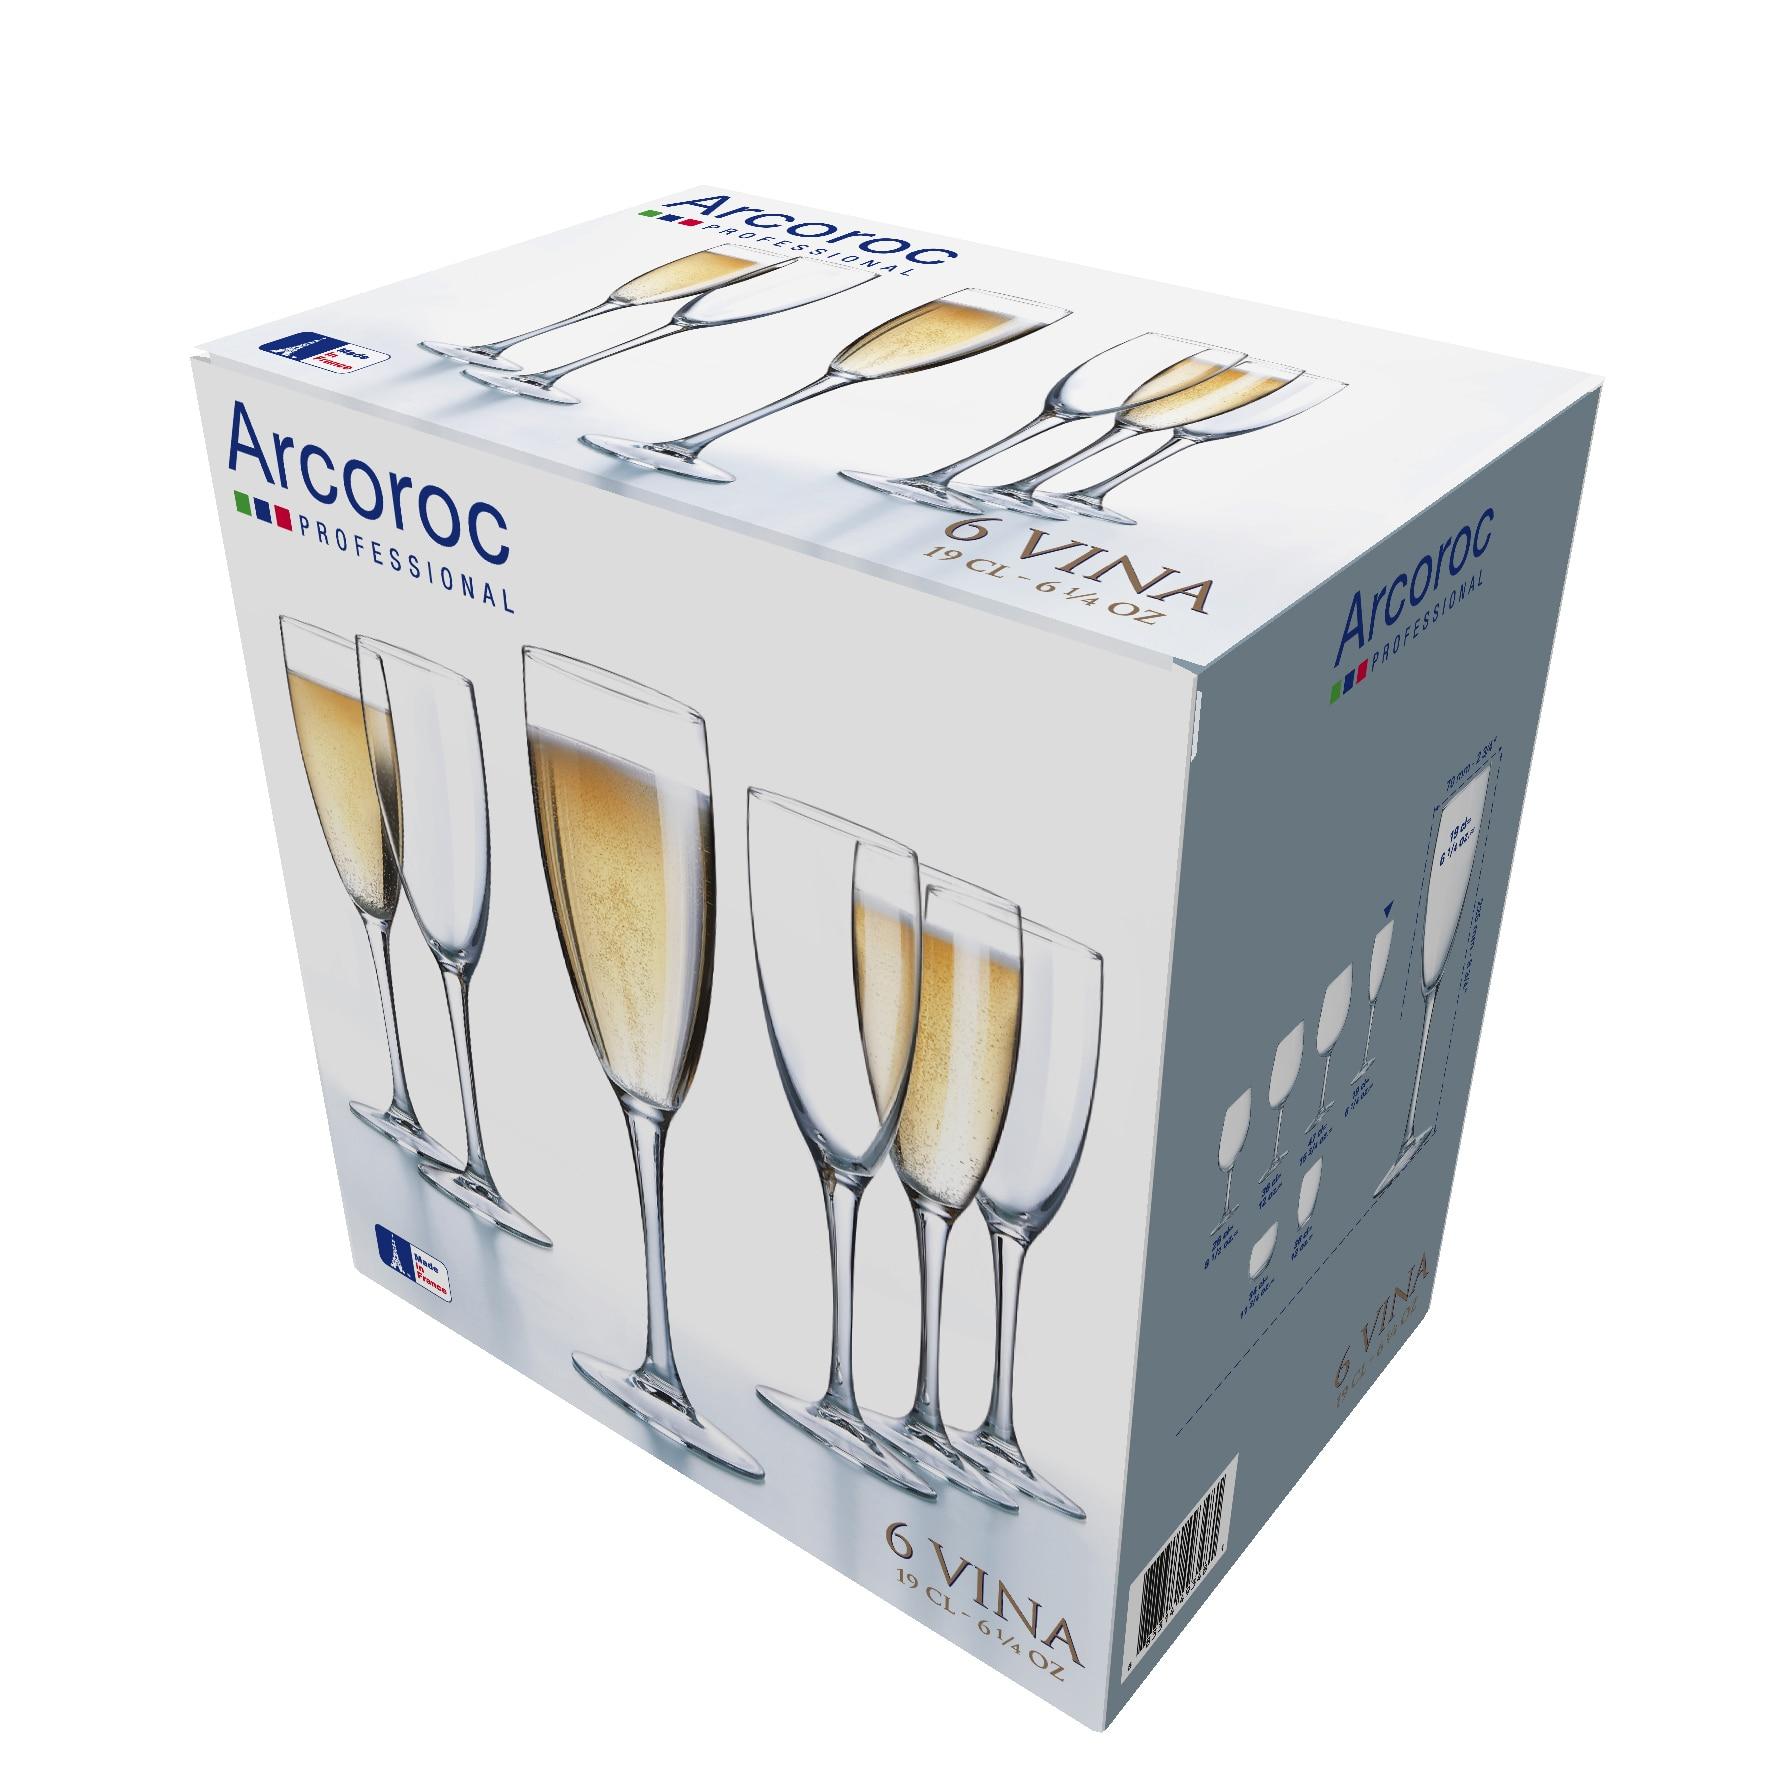 Fotografie Set 6 pahare Arcoroc flute Vina, 190 ml